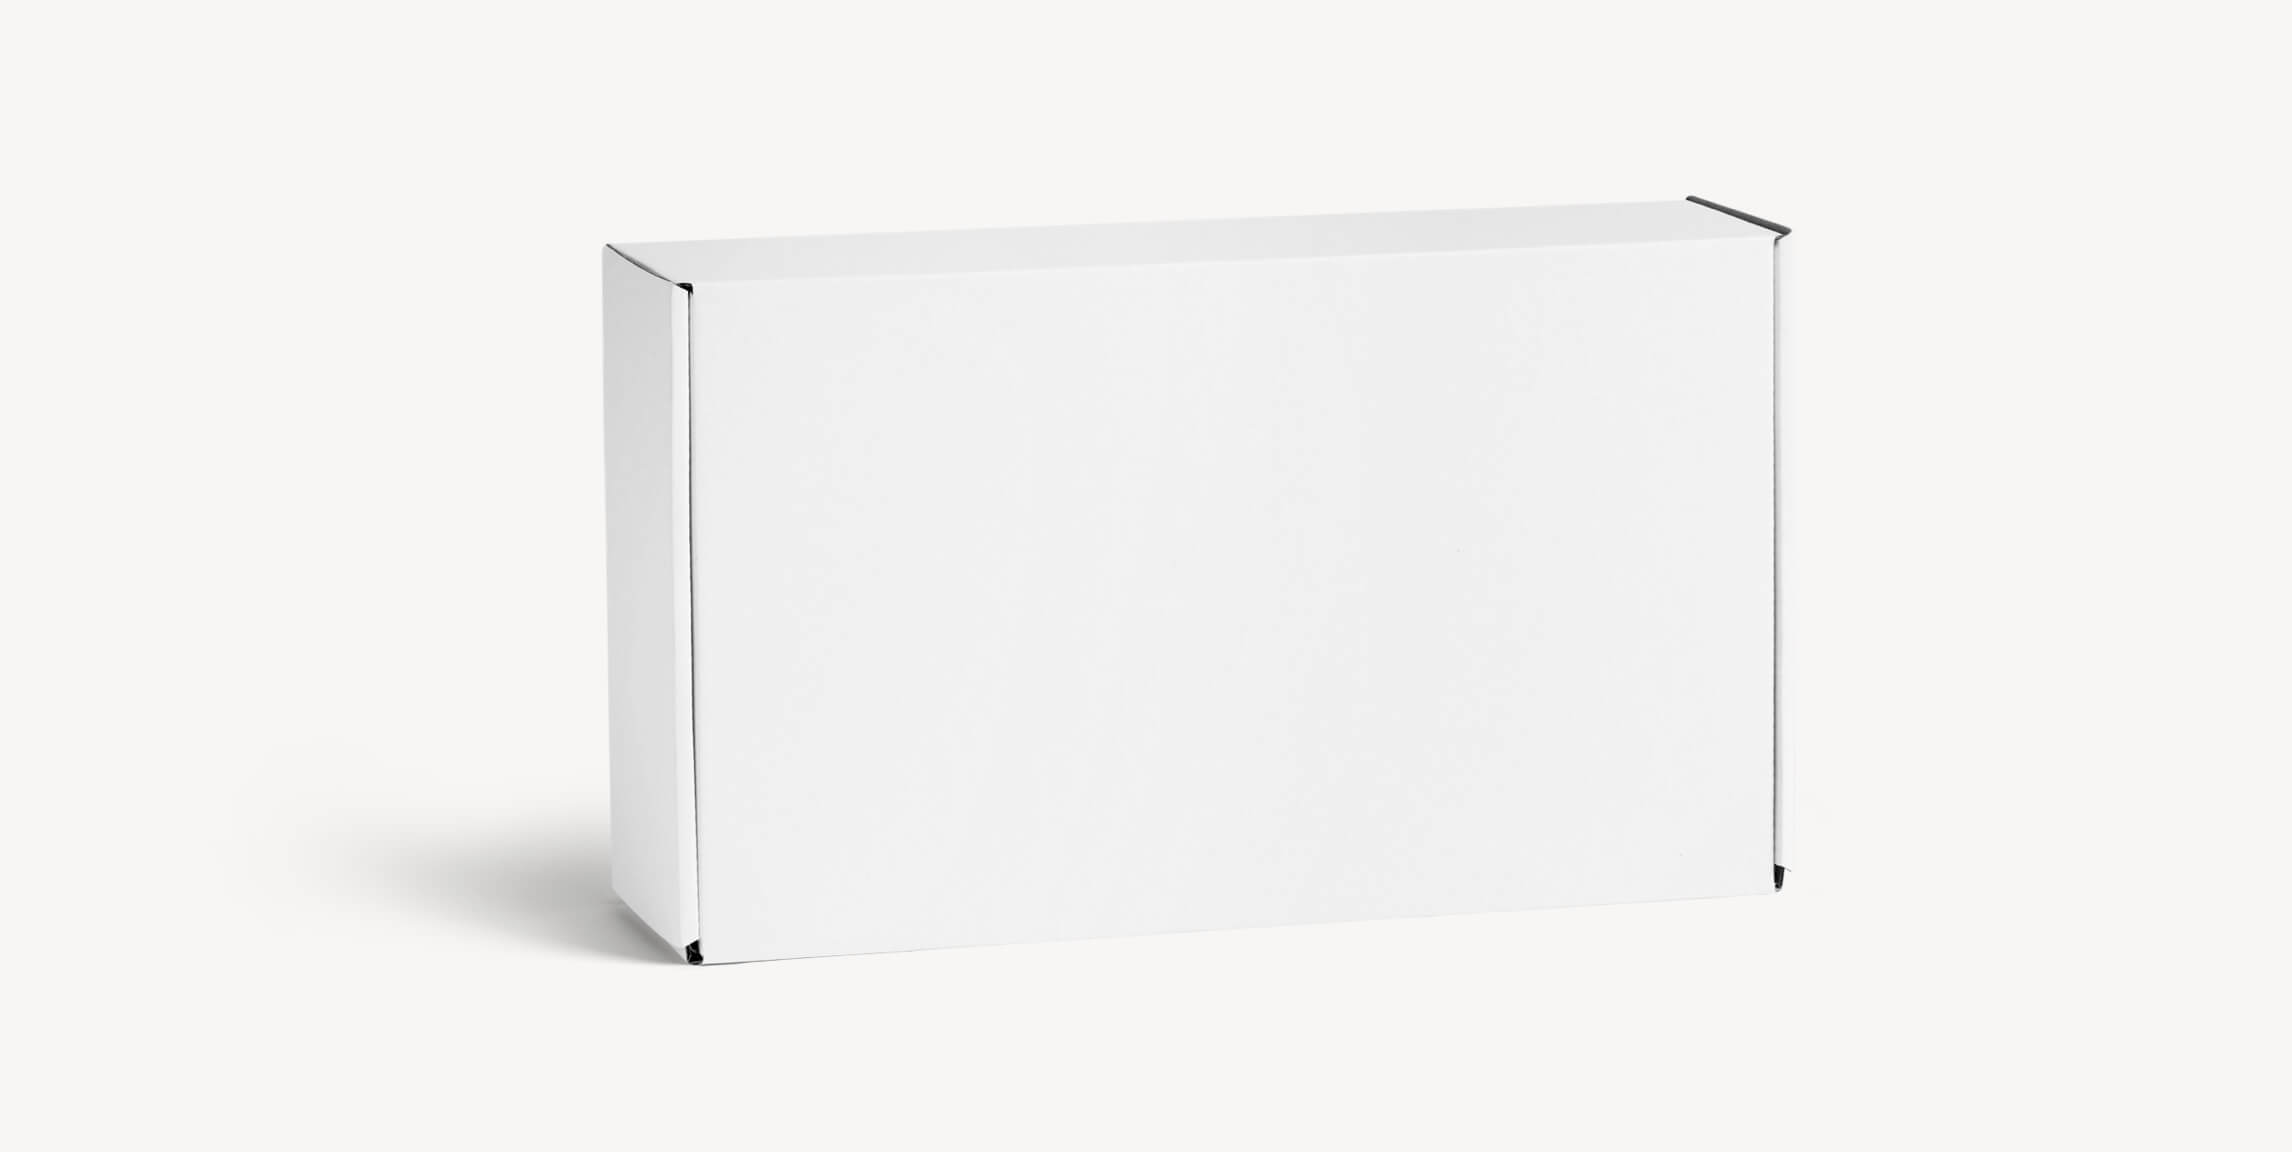 Scatola postale senza stampa - scatole personalizzate - Packhelp